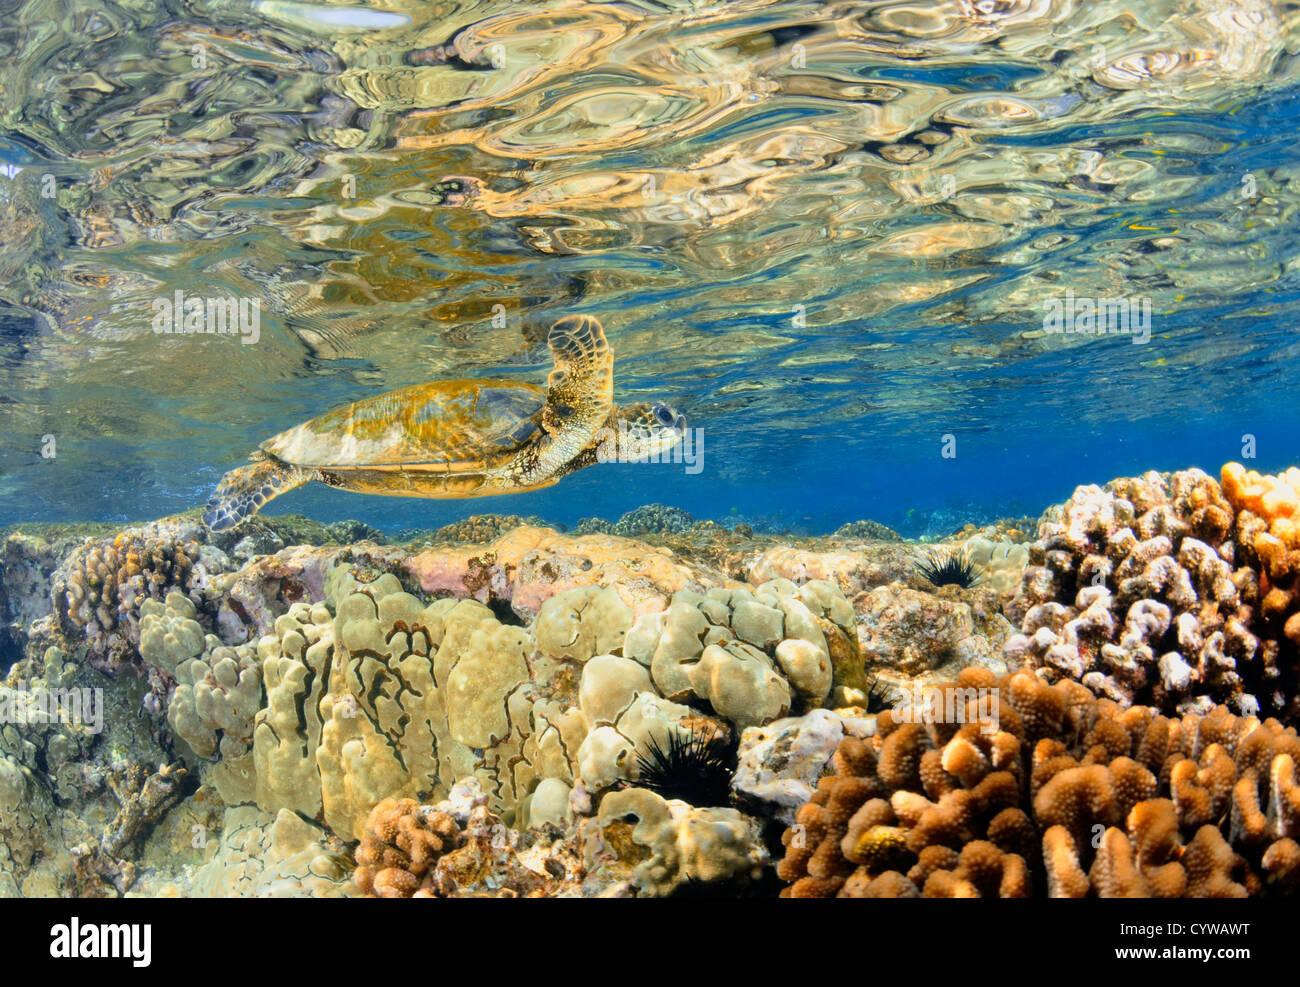 Tortuga Verde juvenil, Chelonia mydas, nadar en arrecifes de coral, el Capitán Cook, Big Island, Hawai, Pacífico Norte Foto de stock